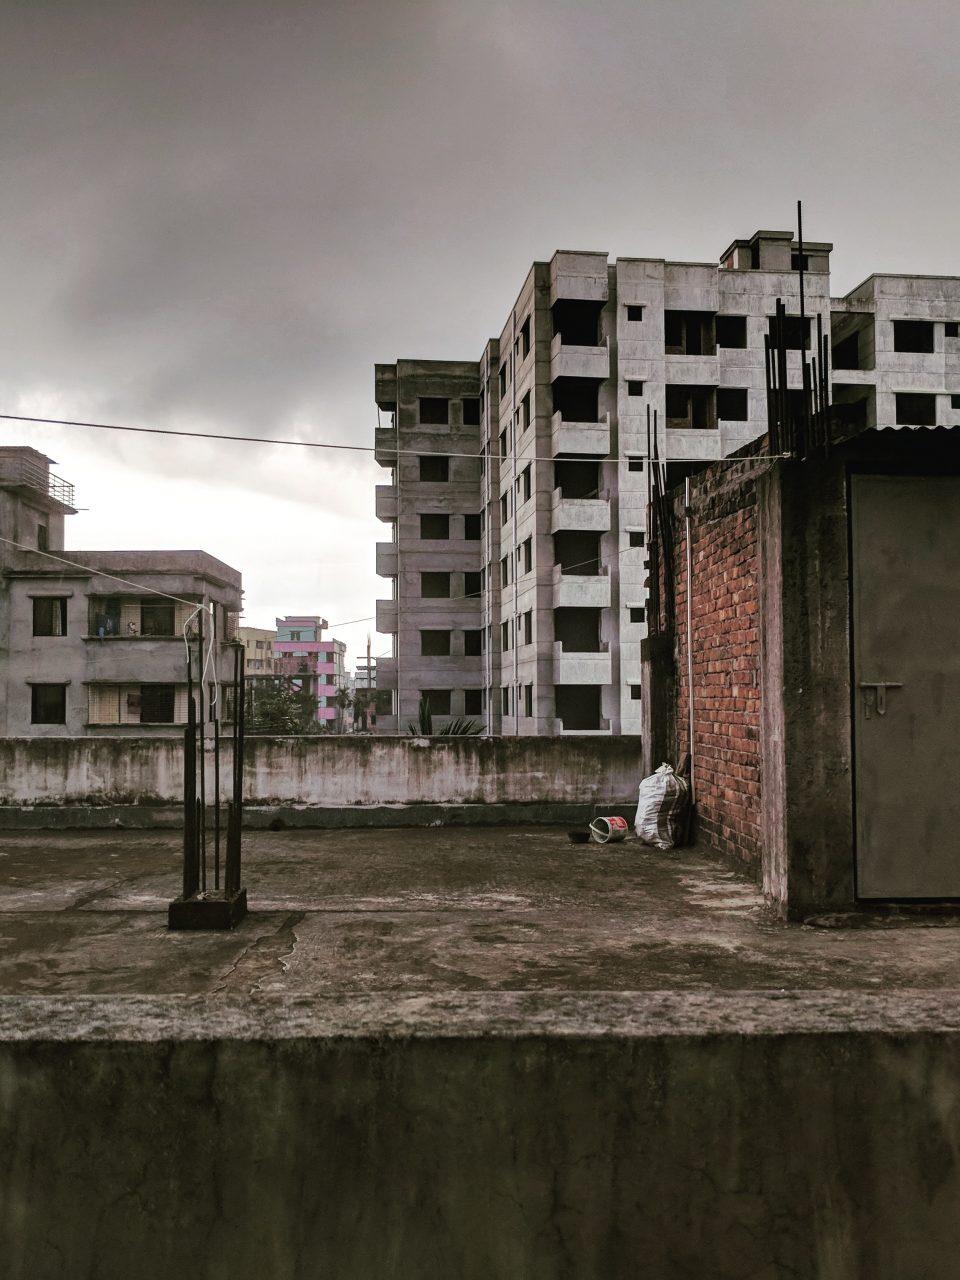 Der Einsturz des Rana Plaza in Bangladesh hat vielen Menschen die Augen geöffnet, doch der Weg hin zu einer fairen Modeindustrie ist noch lang. Fotocredits: Abdullah Miraz/Unsplash